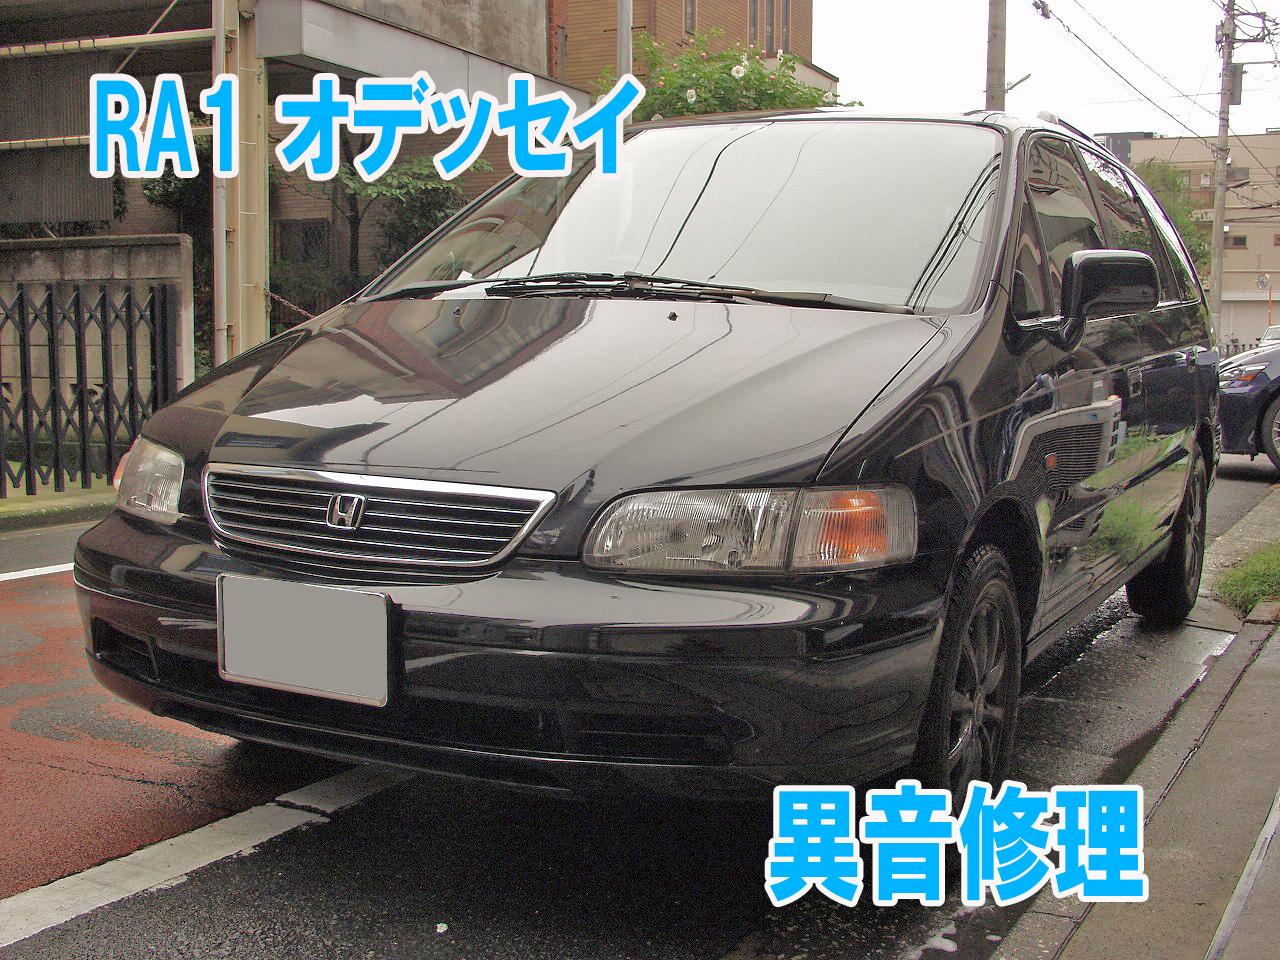 ホンダ・オデッセイ(RA1)異音修理画像